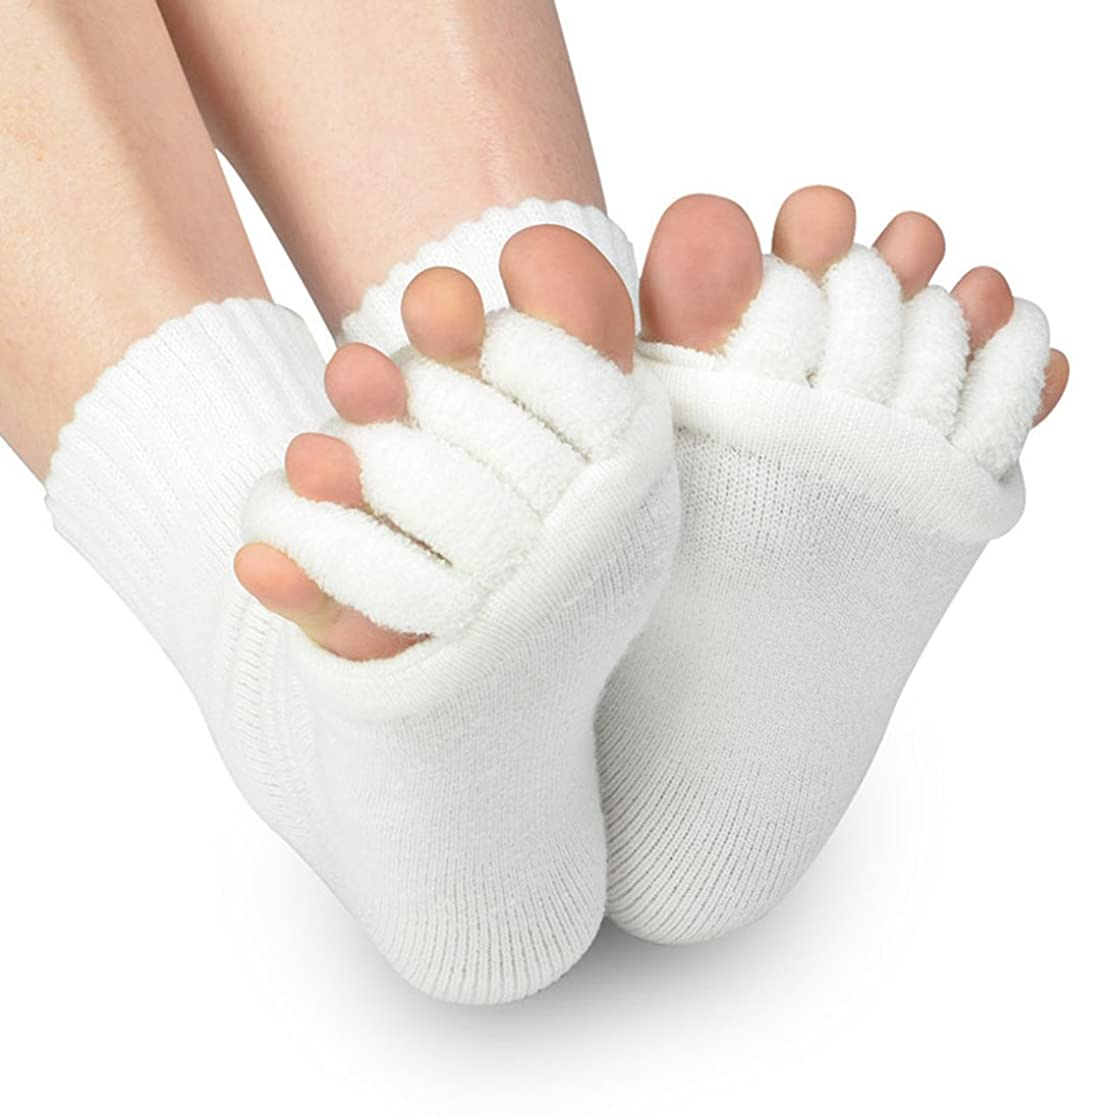 天文学サラダプランテーションB-PING 靴下 足指開き綿混5本指ハーフソックス 血行不良からくる足のむくみを即解消 足指開き 足指全開 男女兼用 履くだけで癒される 偏平足 対策 むくみ解消